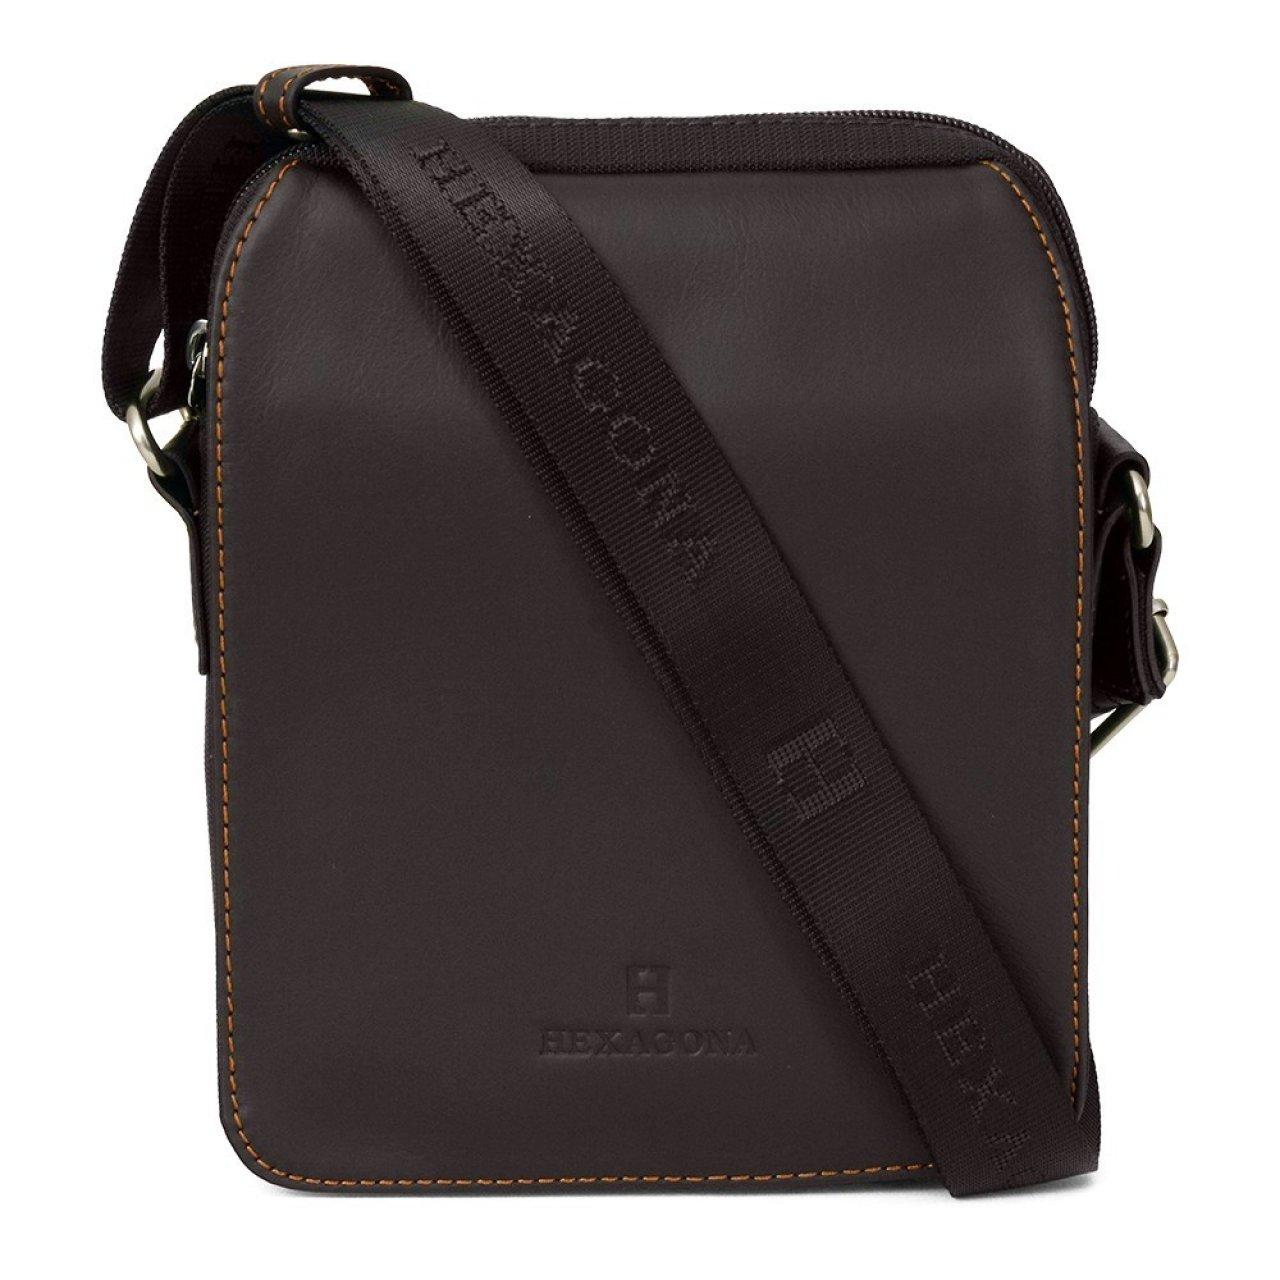 Panská taška na doklady Lee Cooper Noah - modrá  c554b63d9f